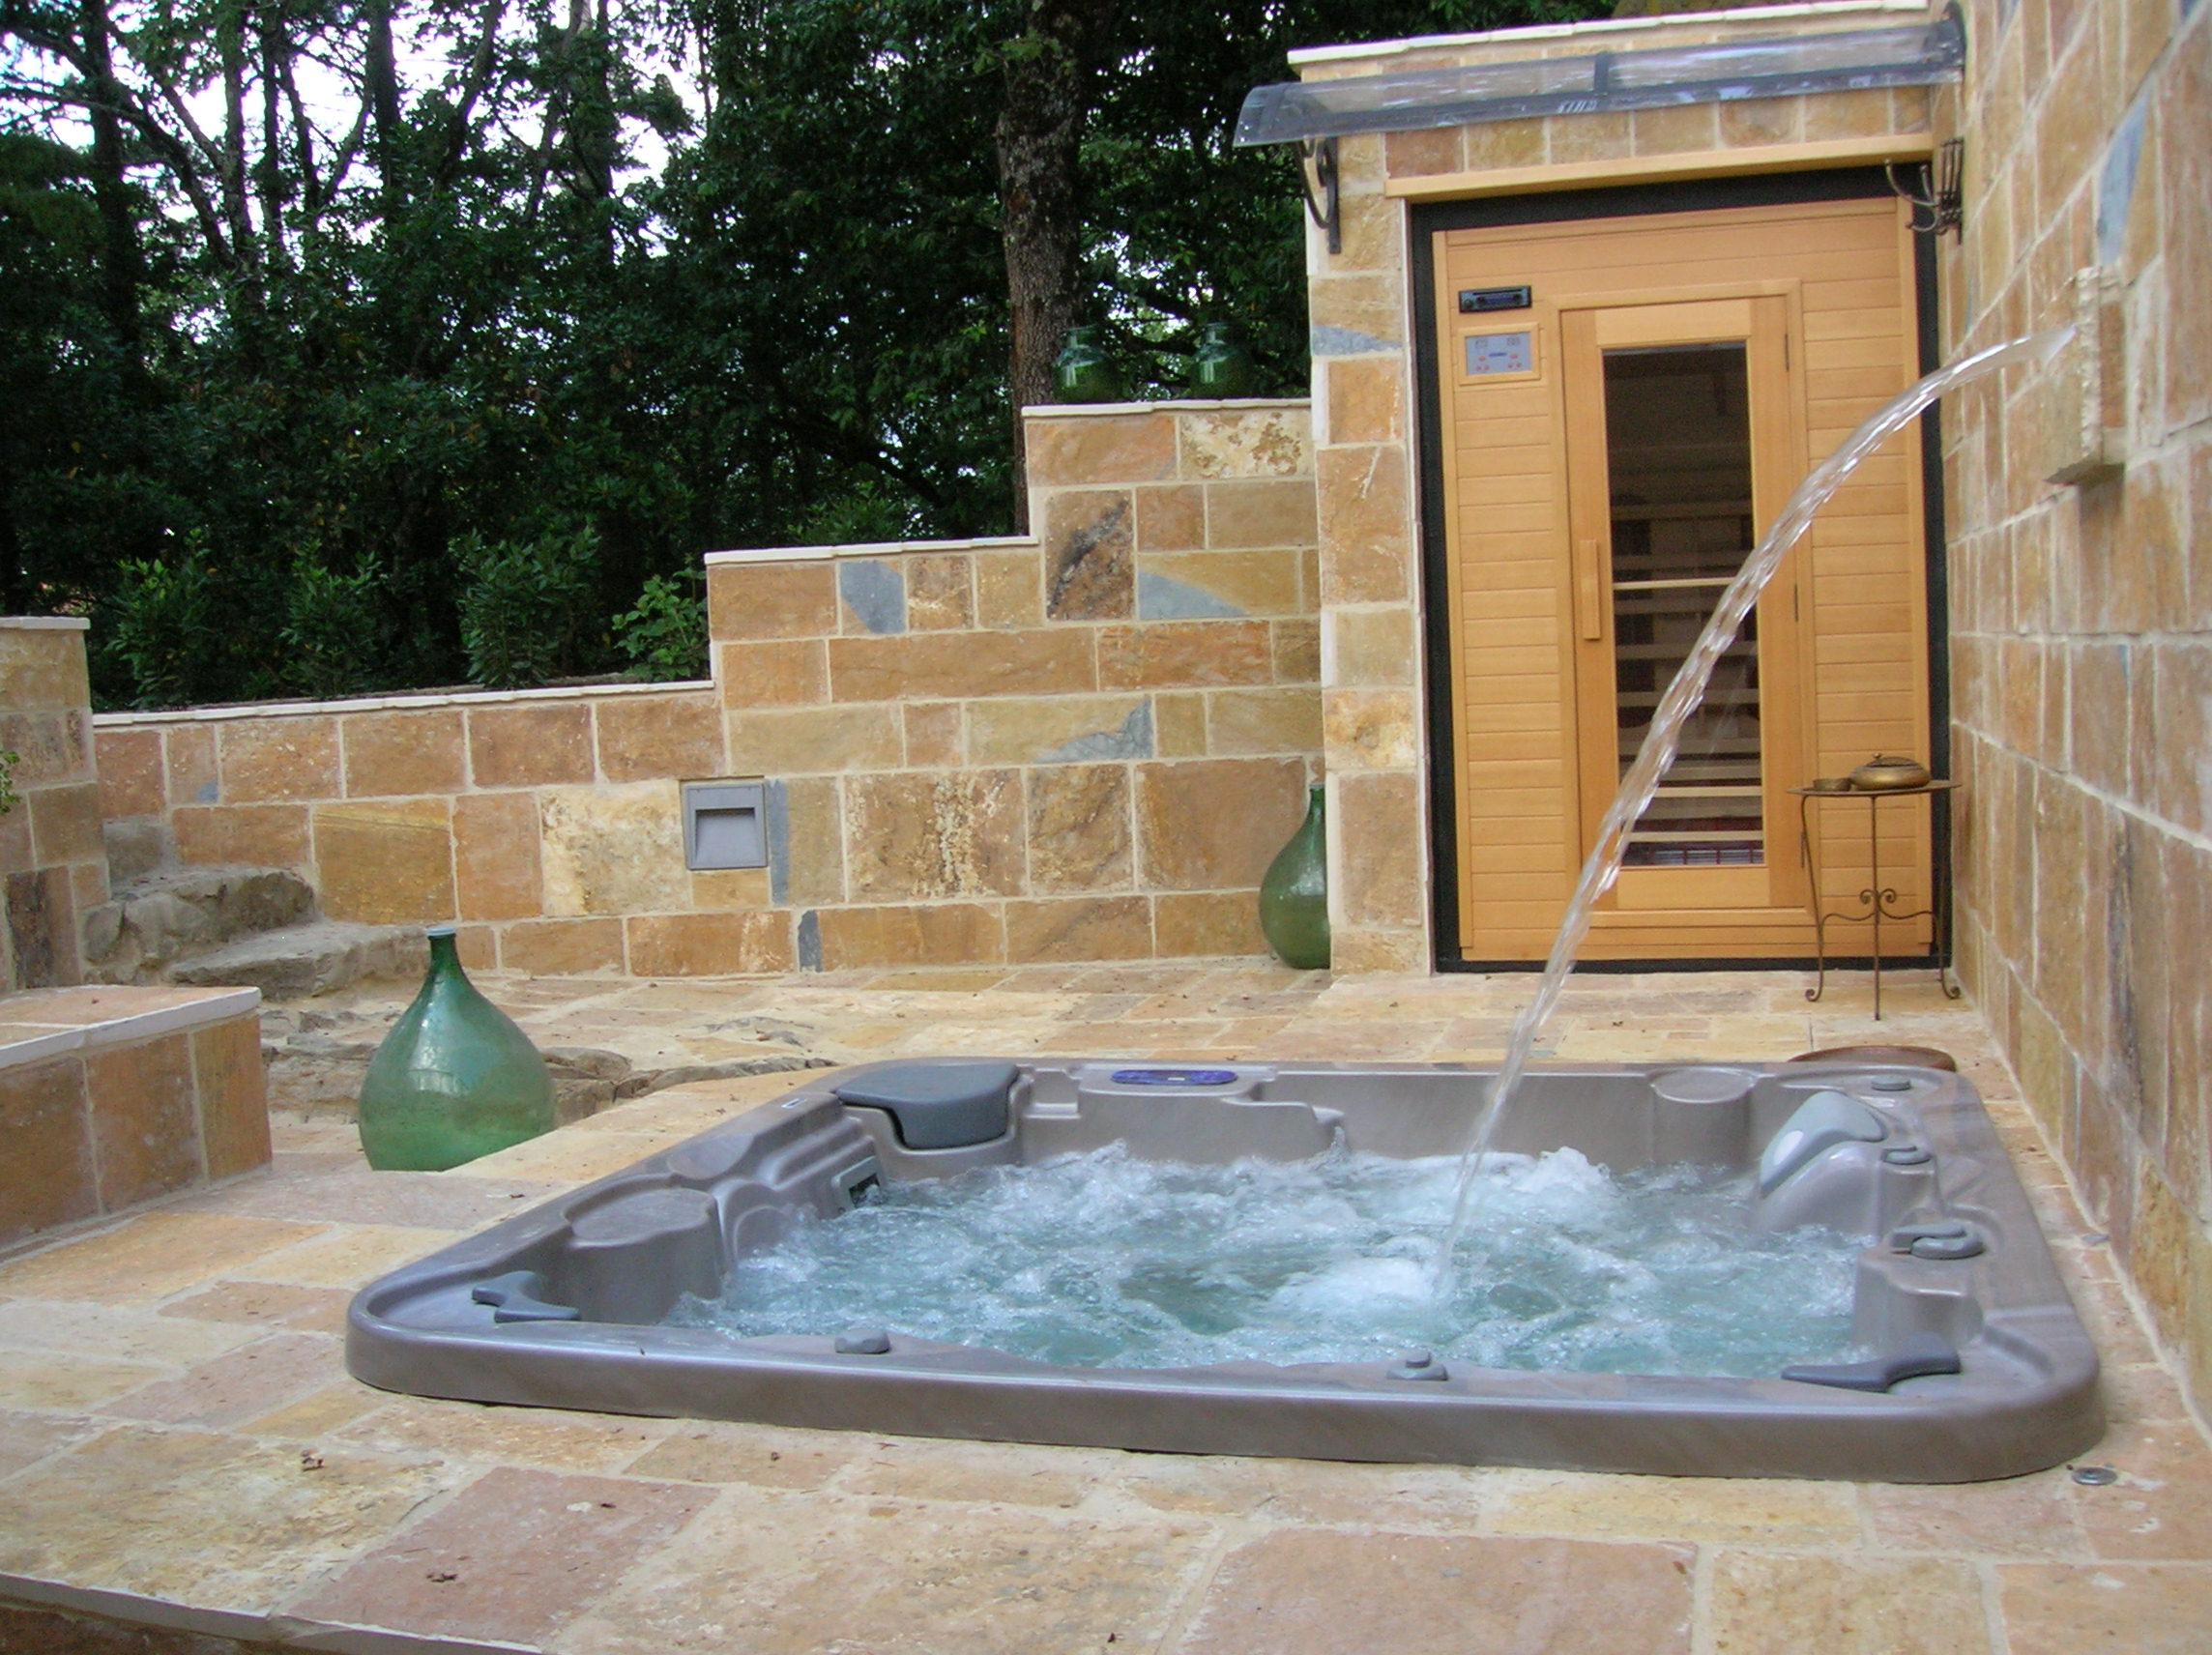 Piccole piscine trasporto libero piccolo dinosauro gonfiabile gonfiabile piscina rotonda - Piccole piscine in casa ...